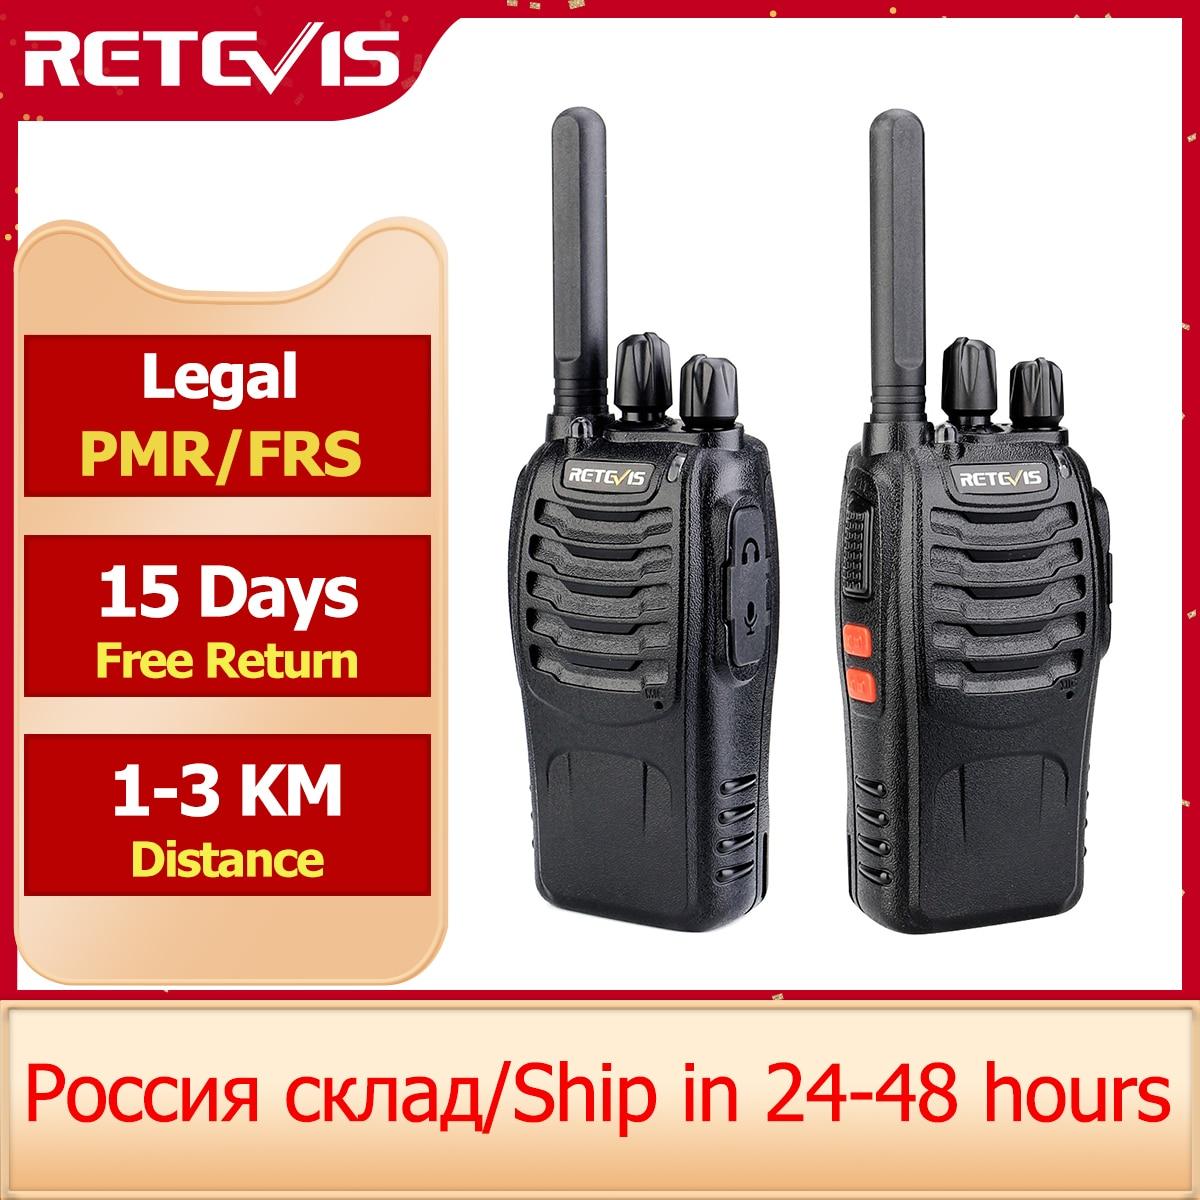 Портативная рация Retevis H777 2 шт. удобное двухстороннее радио 3 Вт 1-3 км Диапазон перезаряжаемые рации Comunicador для охоты/кемпинга